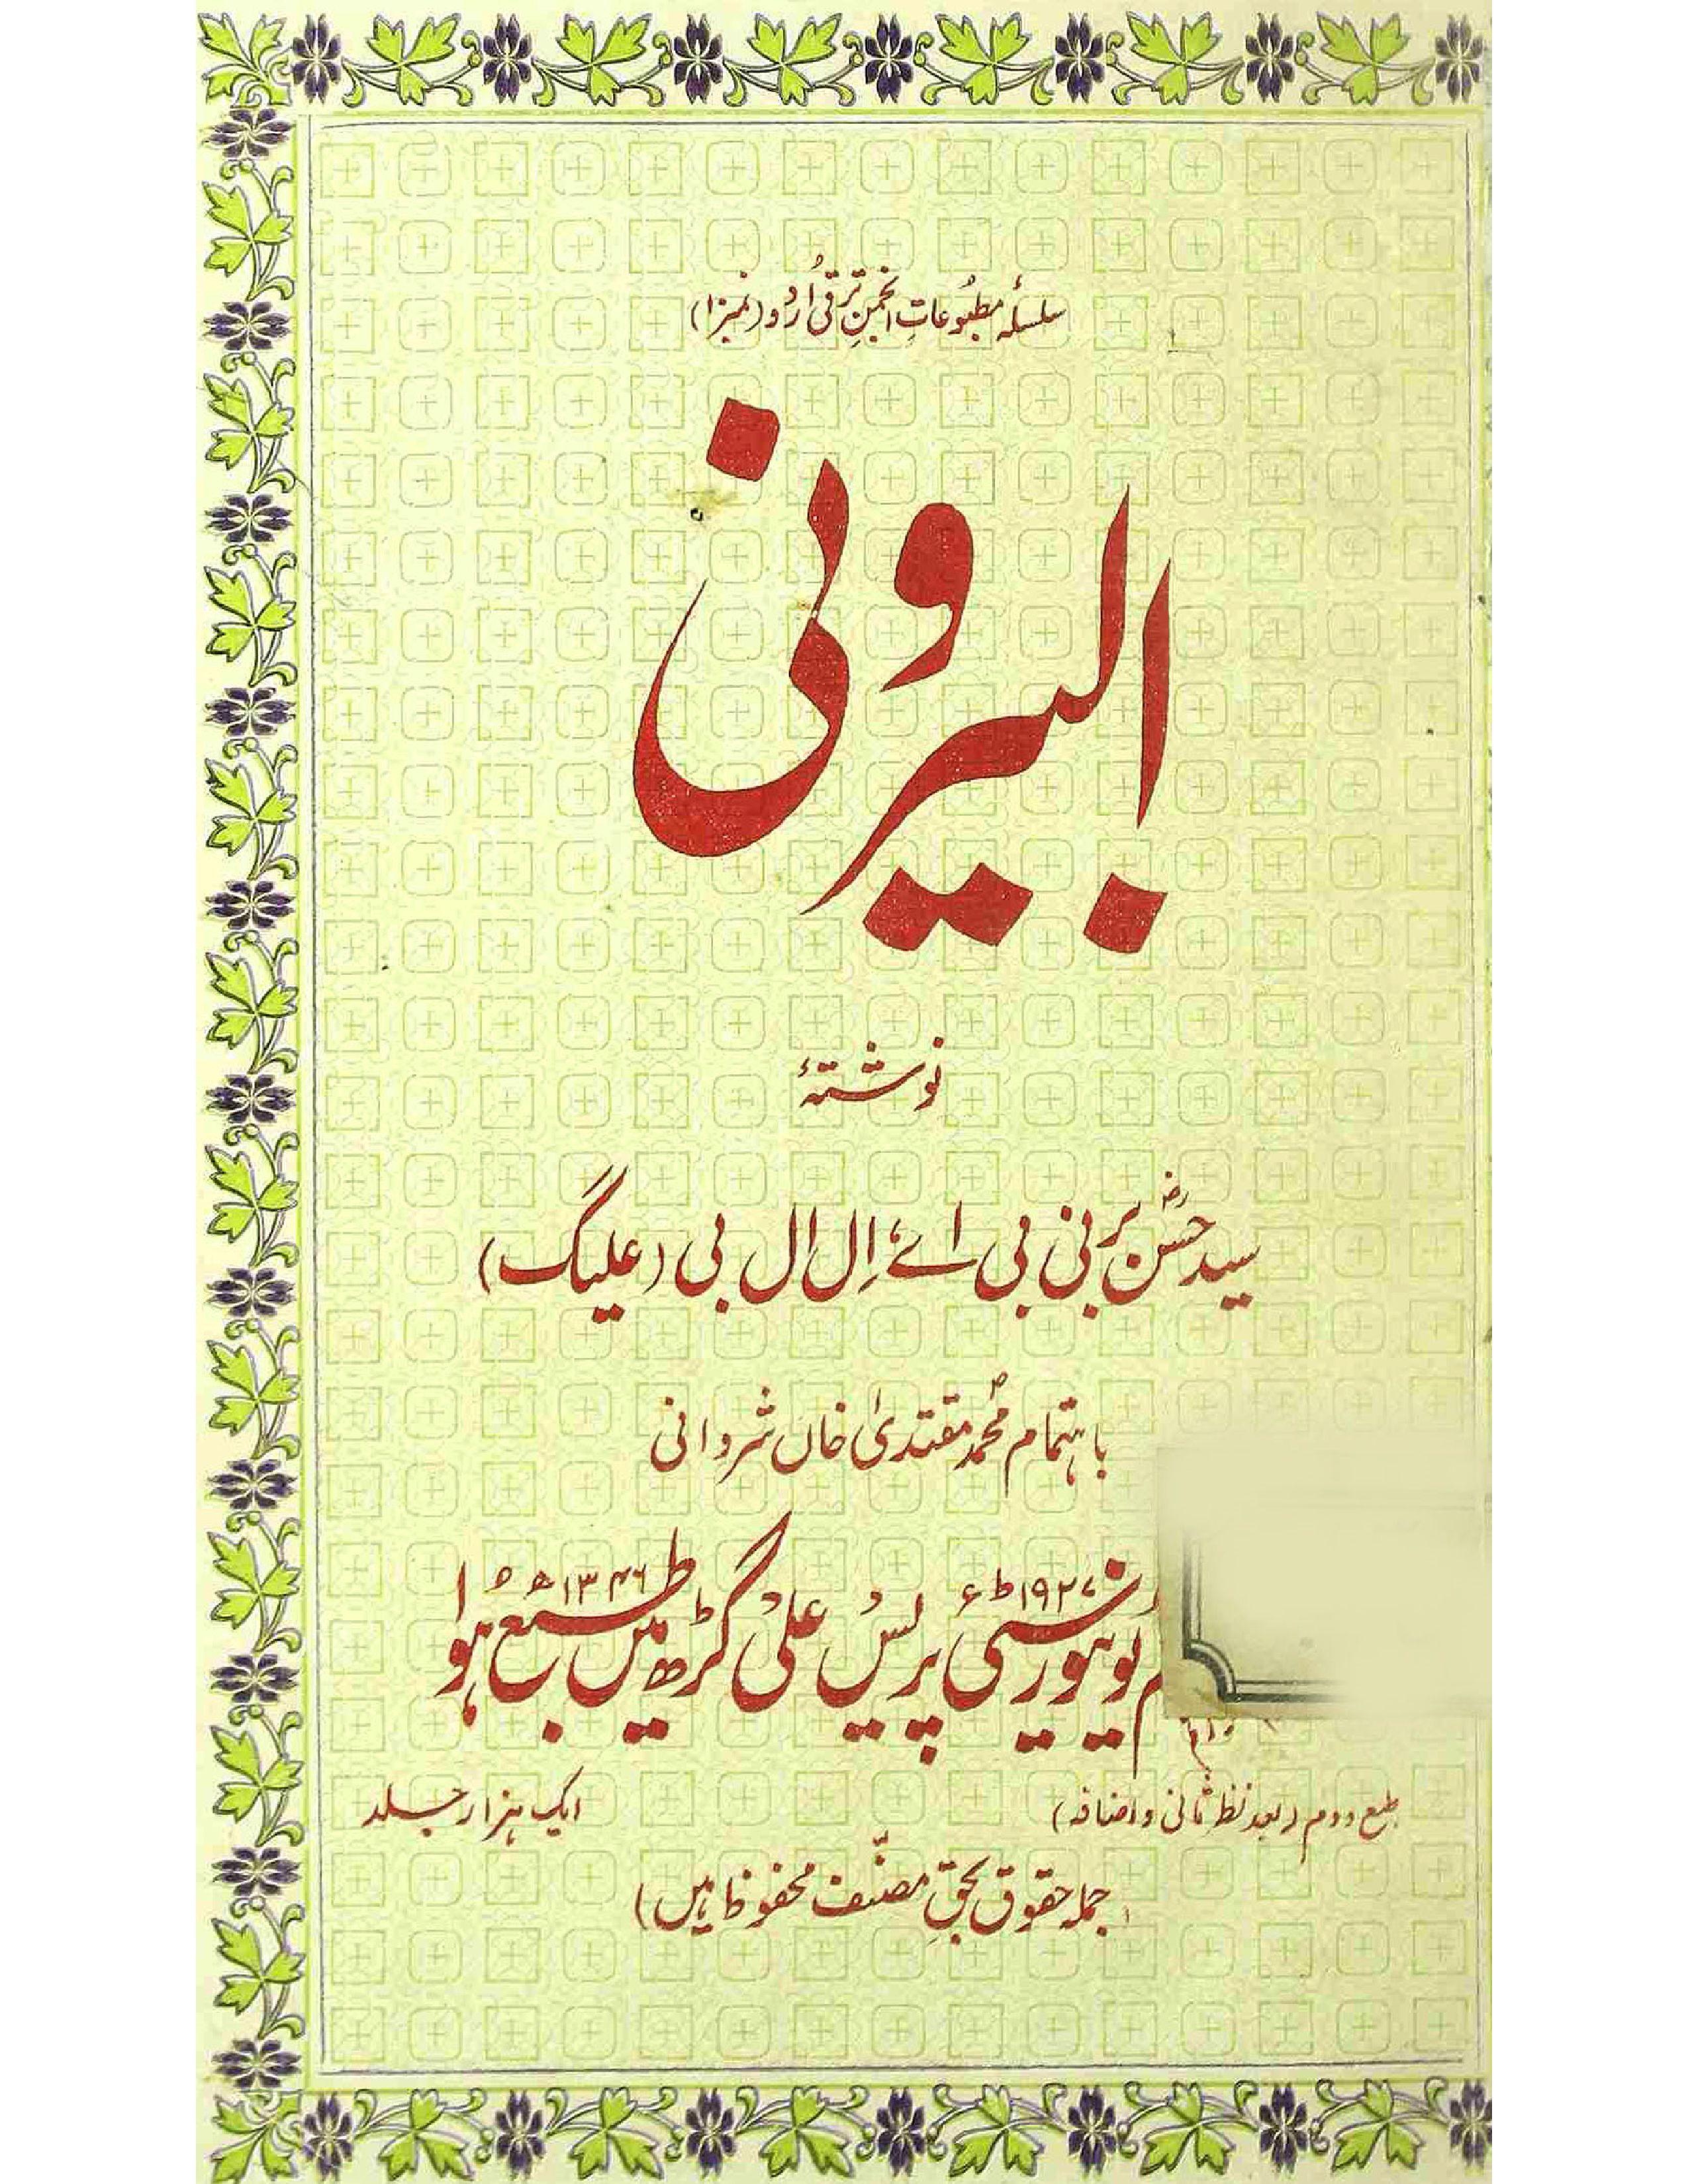 Al-Bairooni